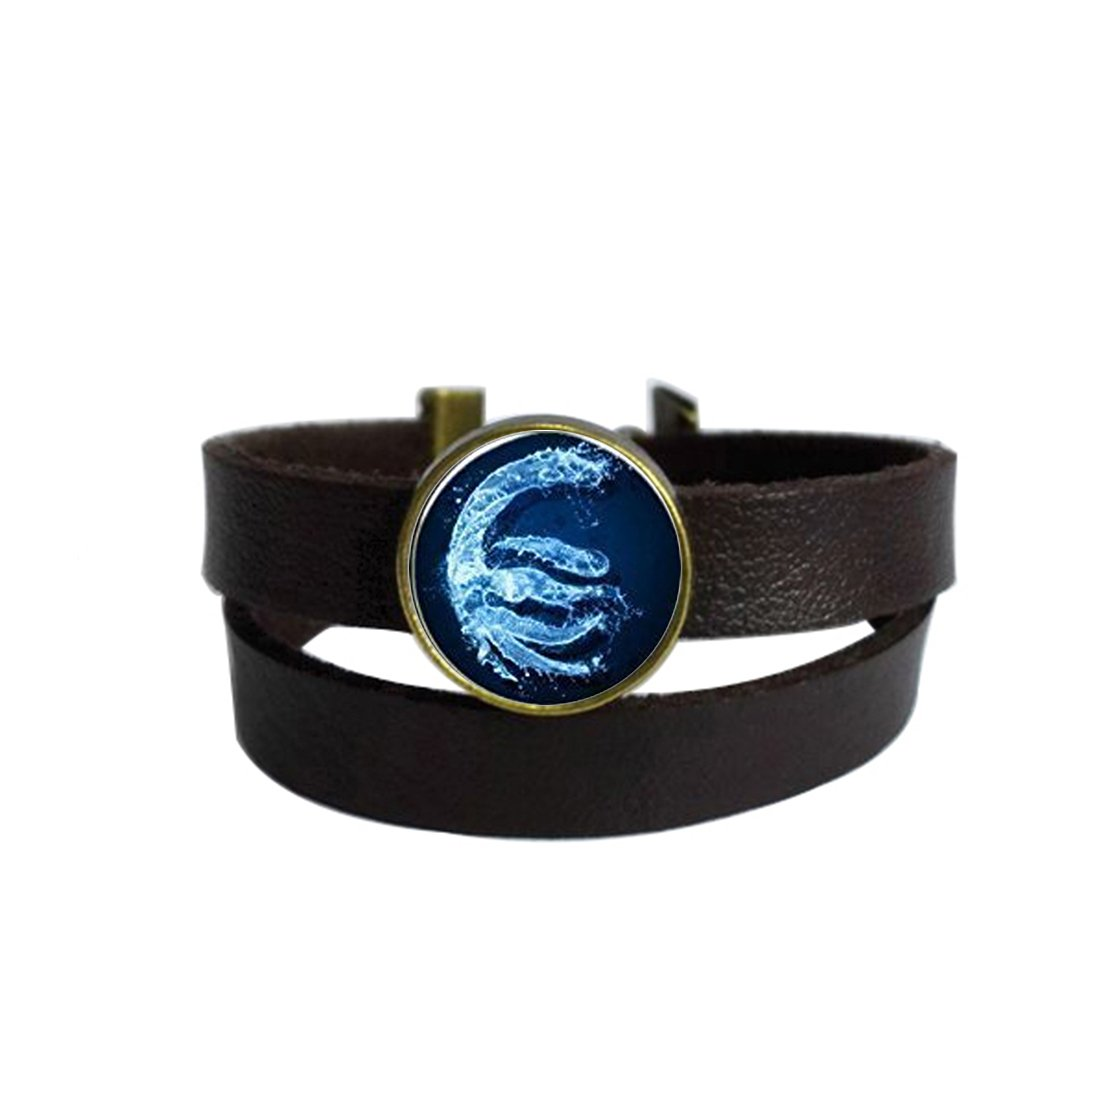 LooPoP Vintage Punk Dark Brown Leather Bracelet Fire Nations Symbol Belt Wrap Cuff Bangle Adjustable